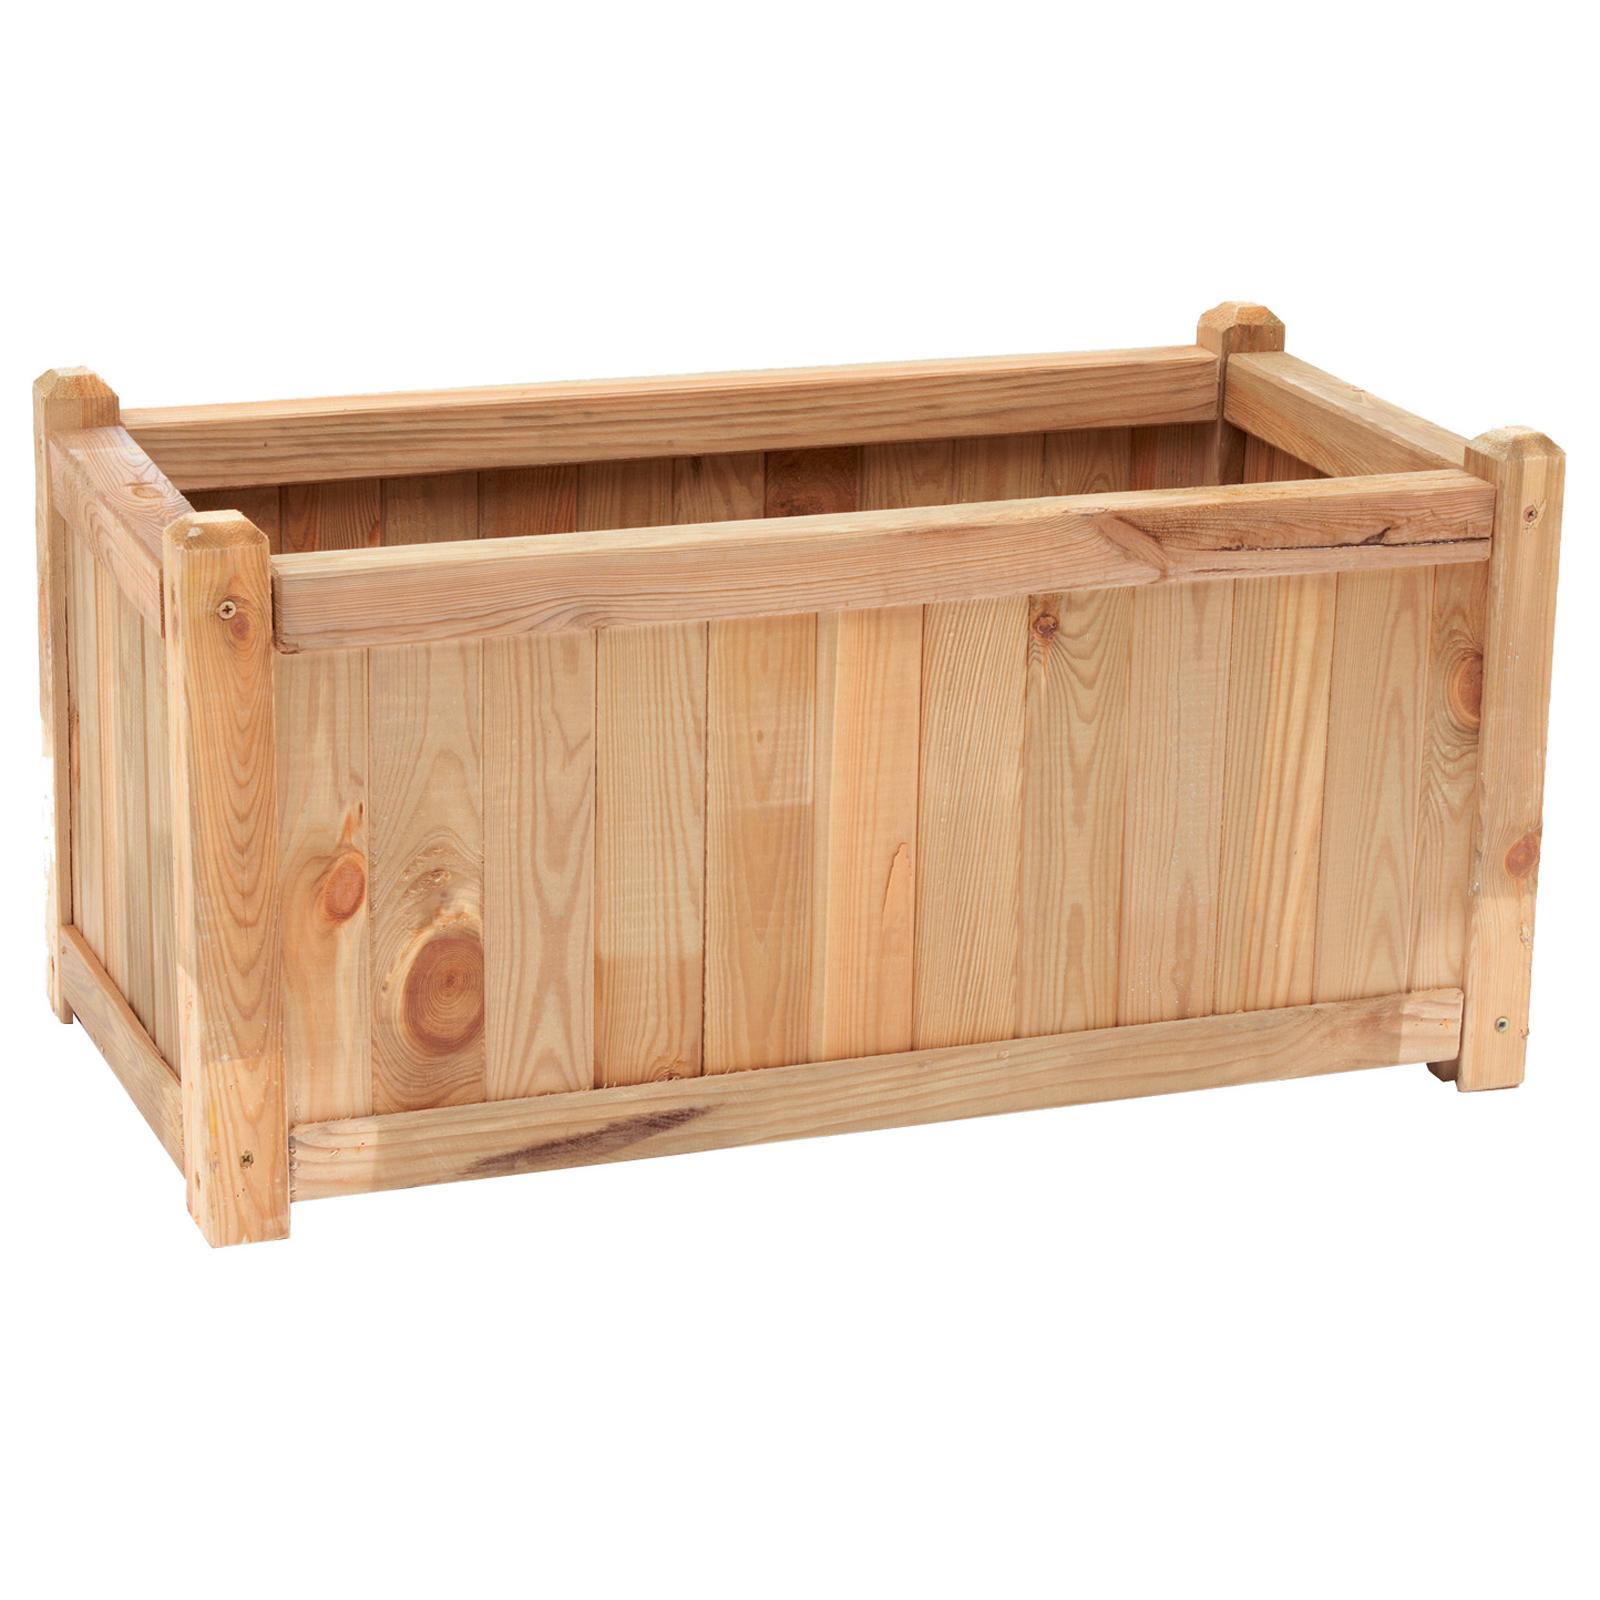 Favorito Cassetta in legno di pino impregnato cm 80x40x40h ideale per CQ33